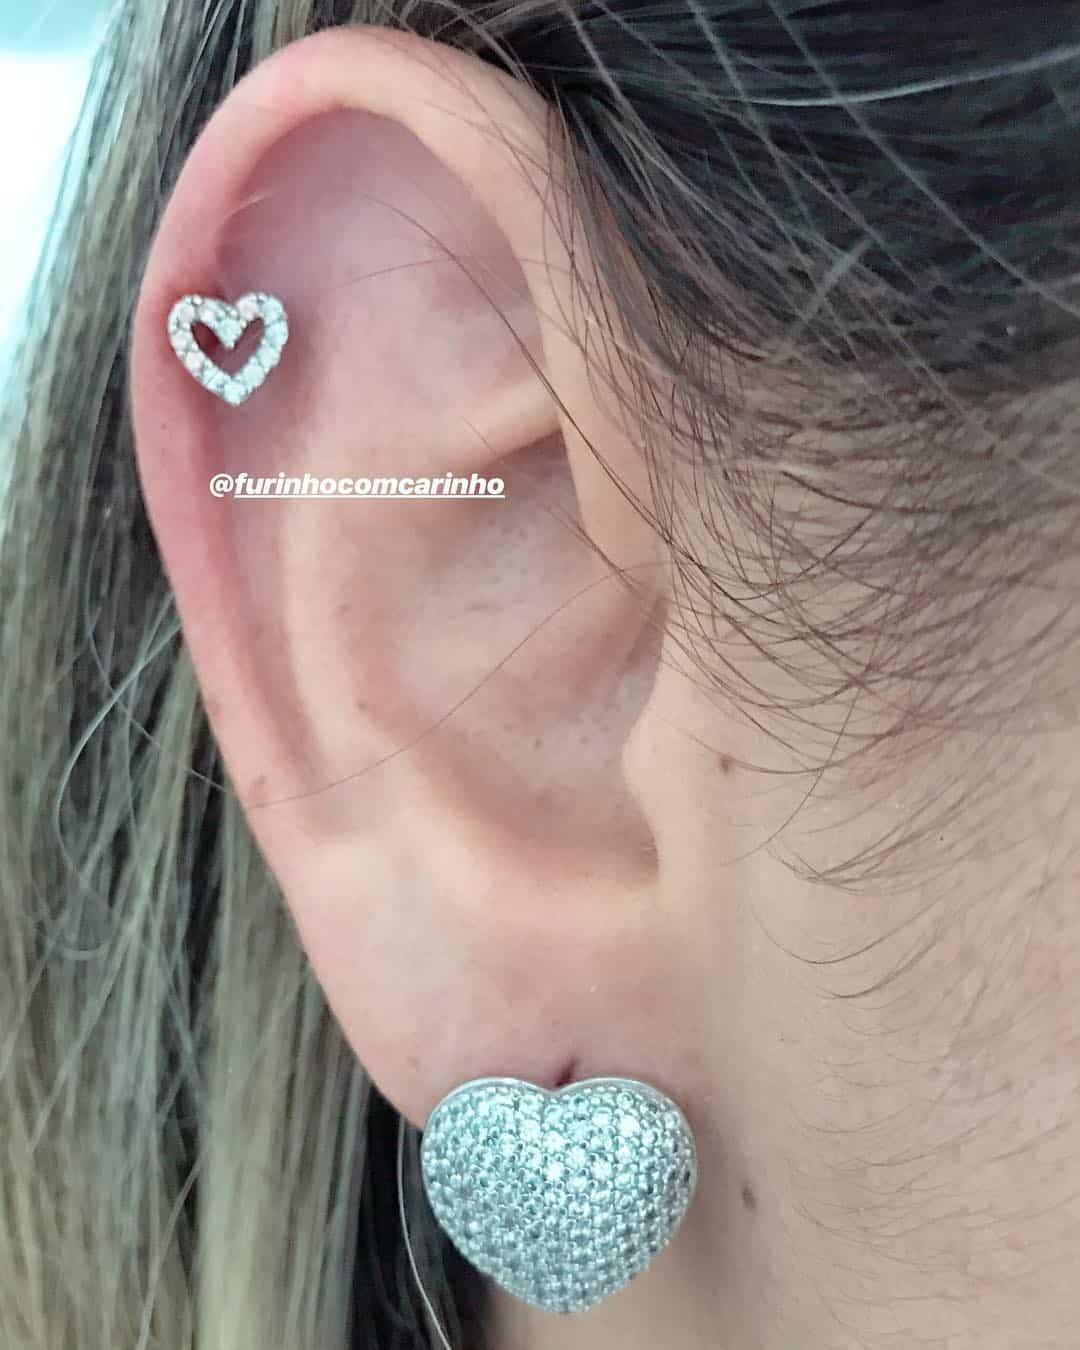 piercing by @furinhocomcarinho